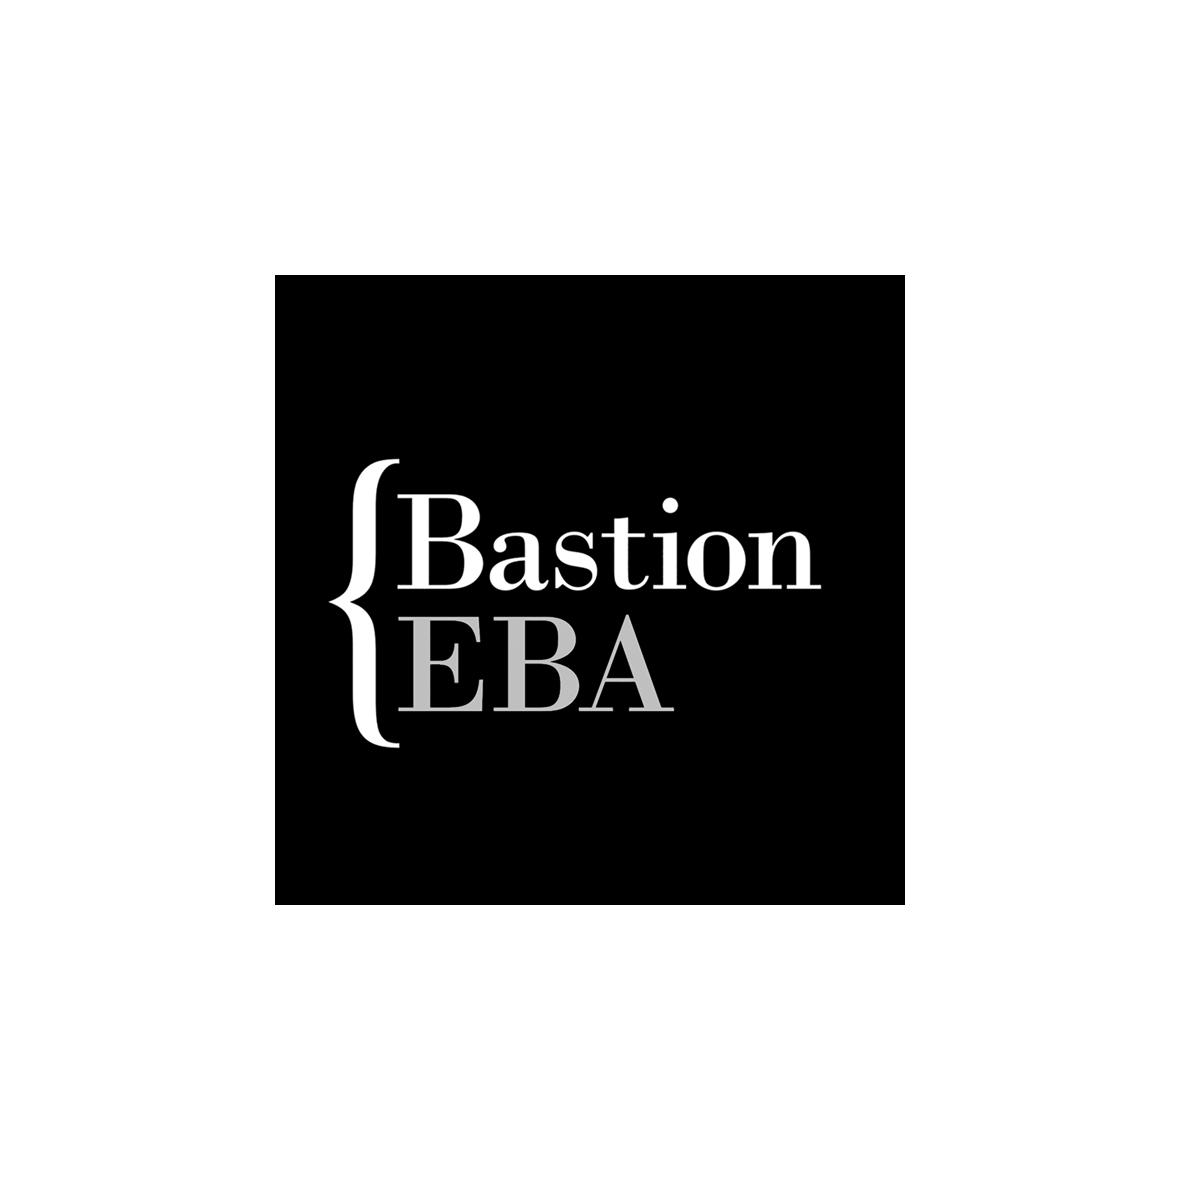 Bastion-logo-BW